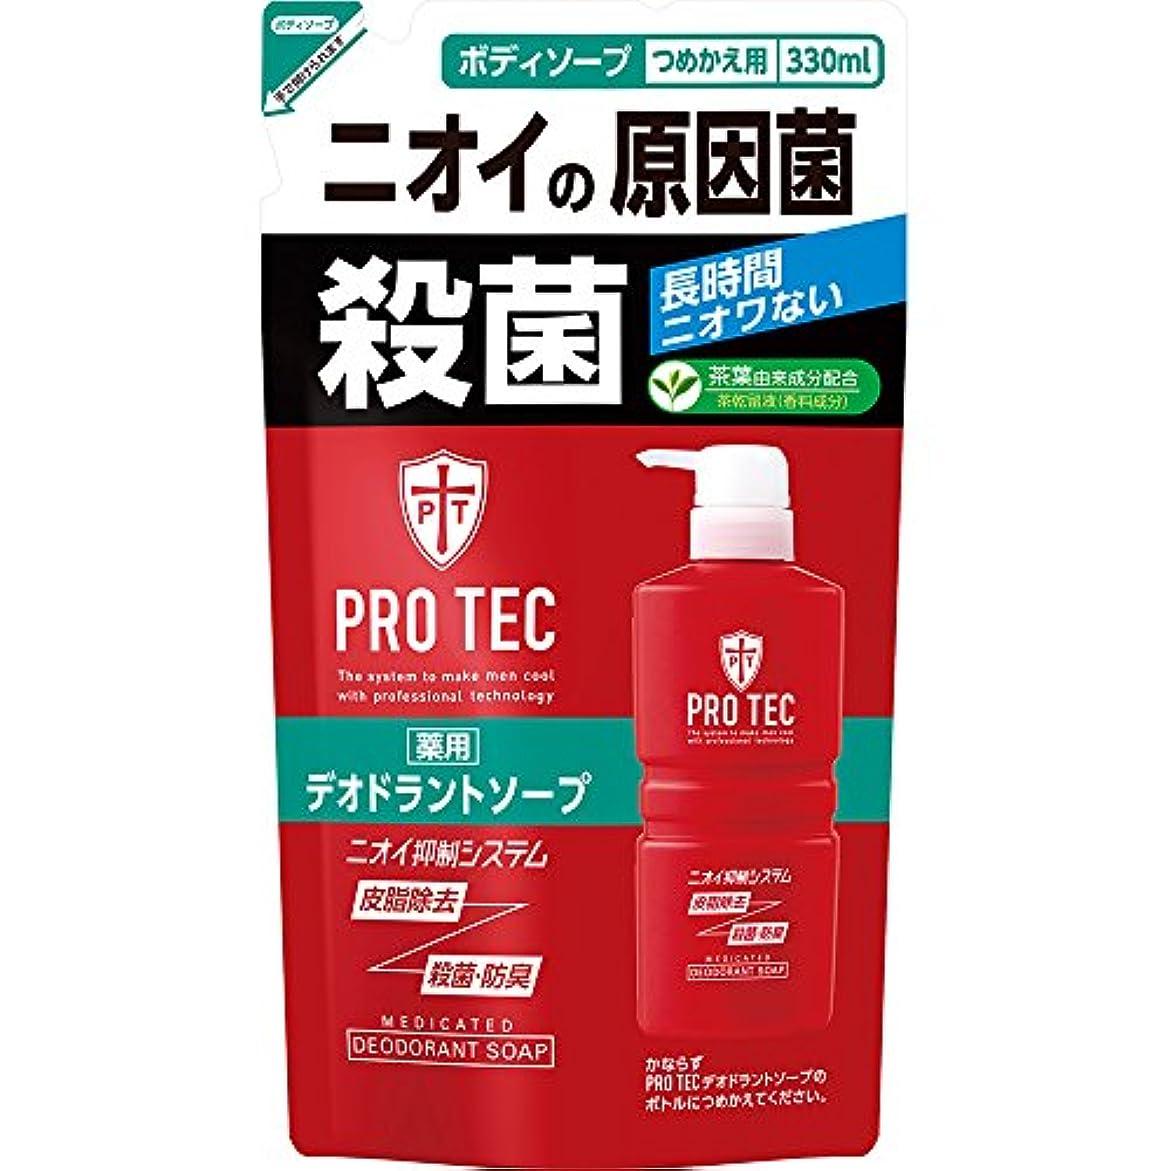 鉛筆書道部族PRO TEC(プロテク) デオドラントソープ 詰め替え 330ml(医薬部外品)